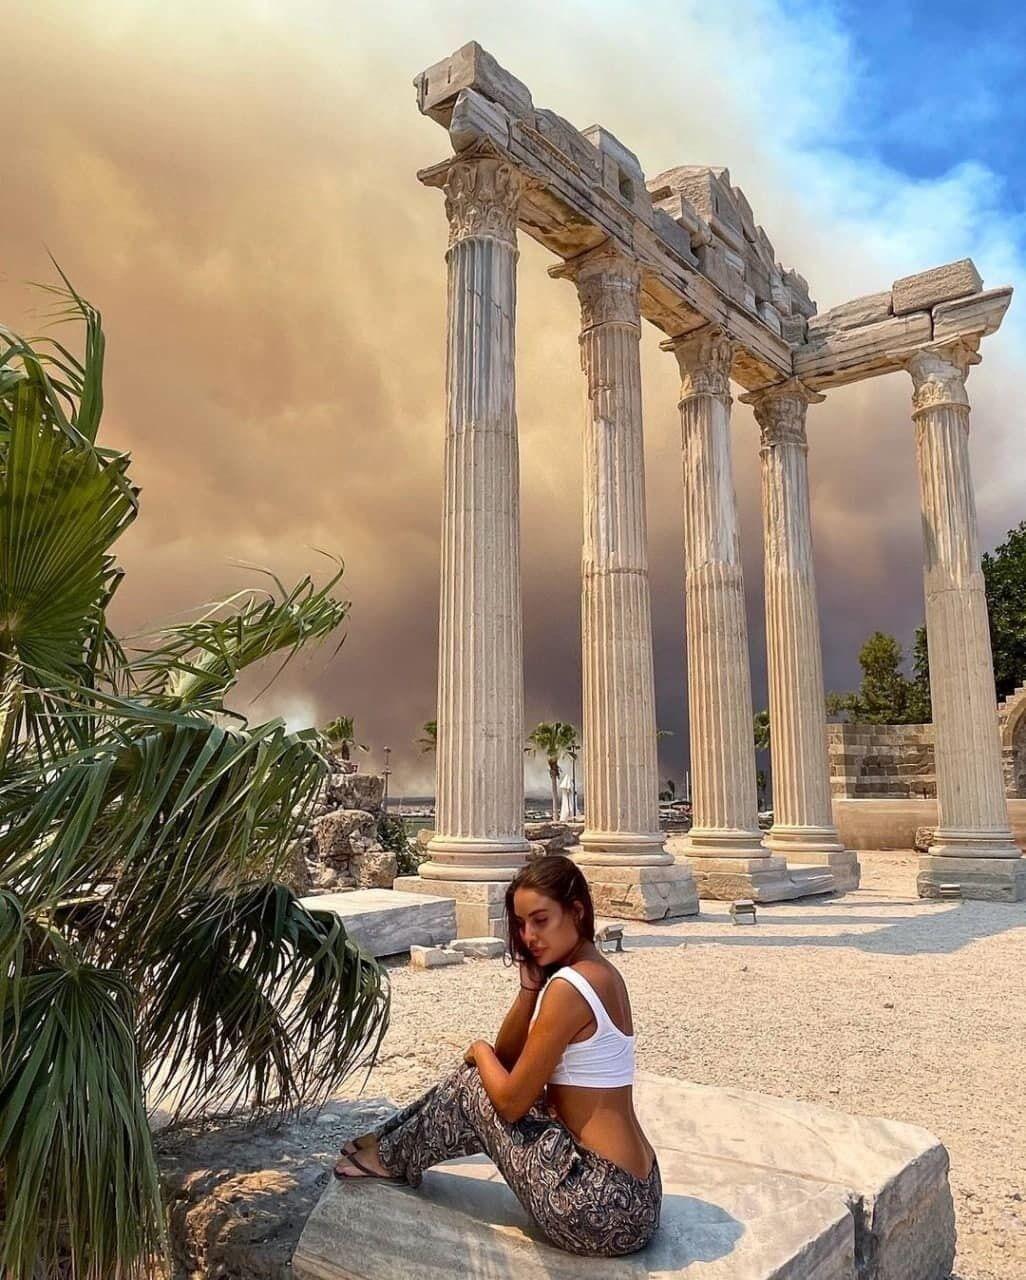 Девушка показала фото на фоне густого дыма.